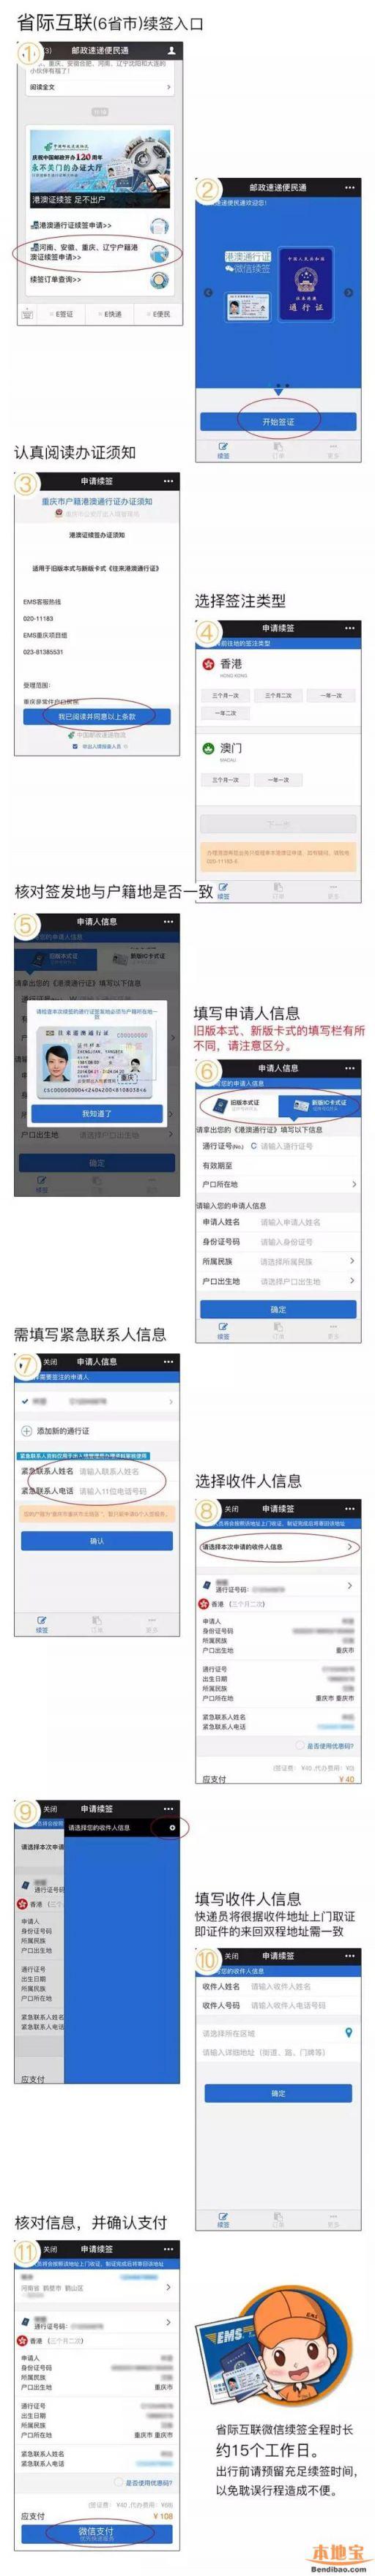 可在深圳办理港澳通行证续签的省市有哪些?